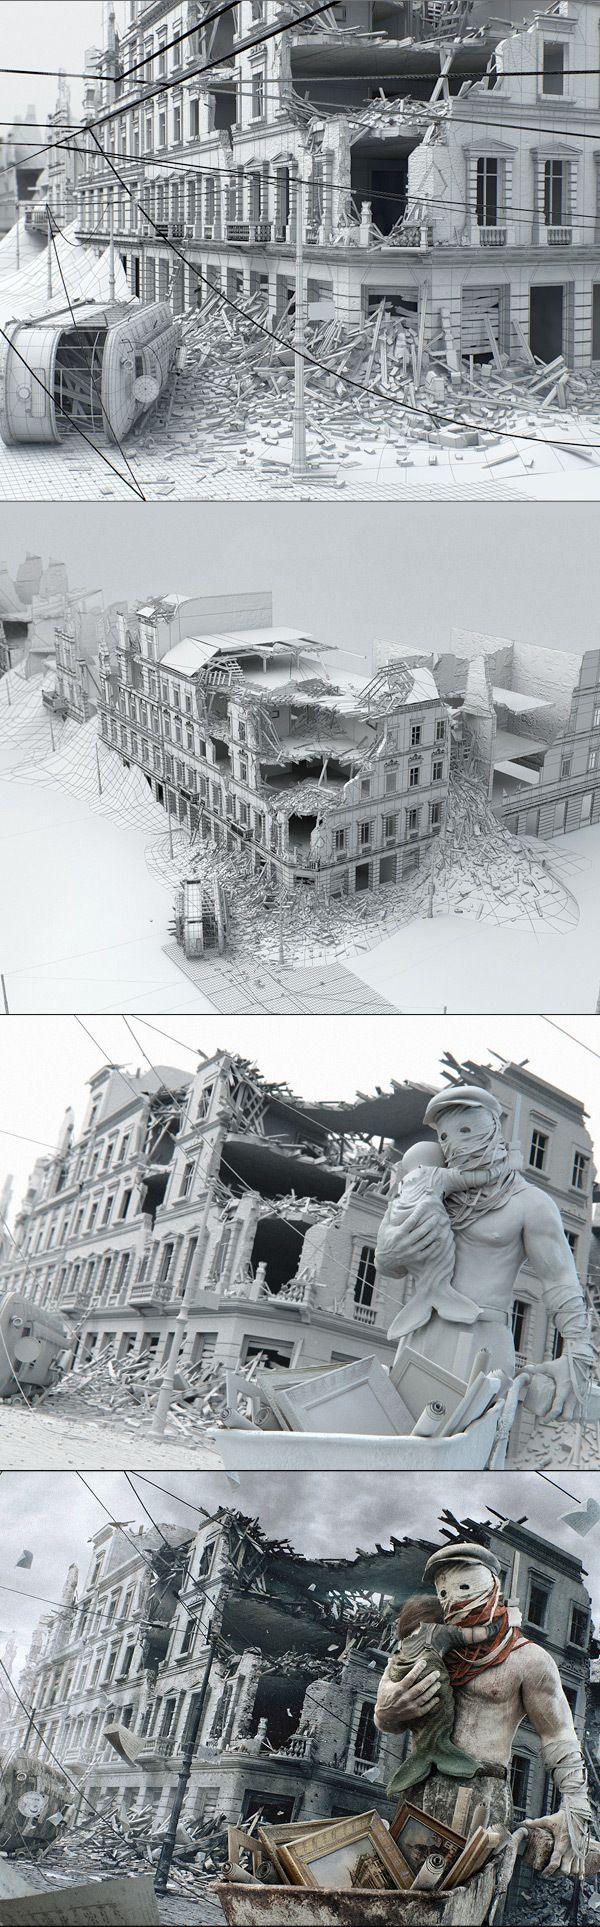 Warsaw - Phoenix City by STRZYG , via Behance